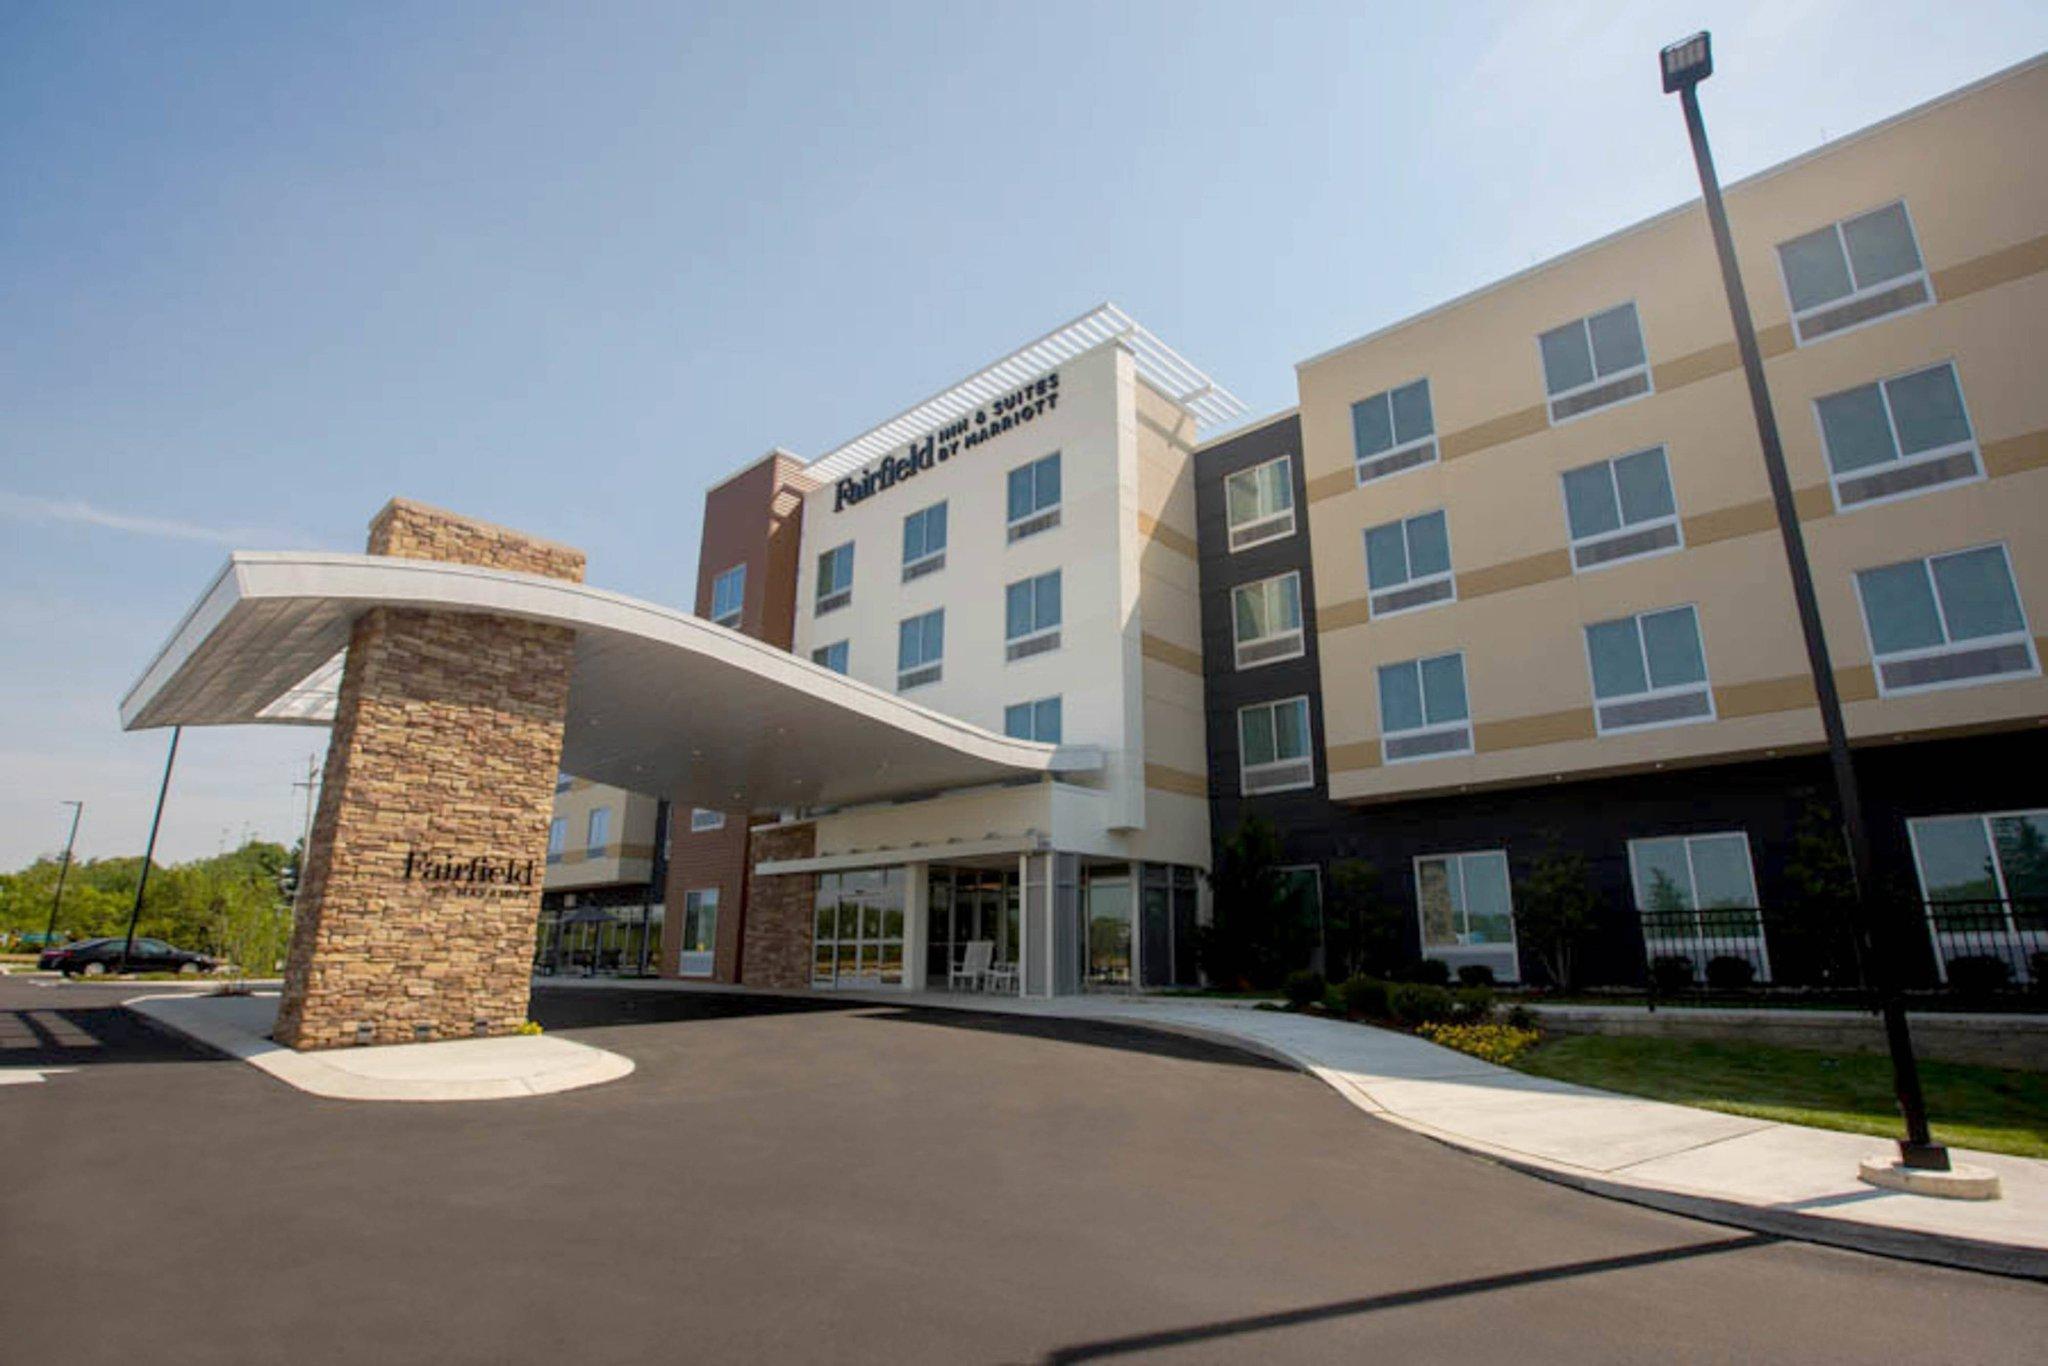 Fairfield Inn And Suites Philadelphia Broomall Newtown Square